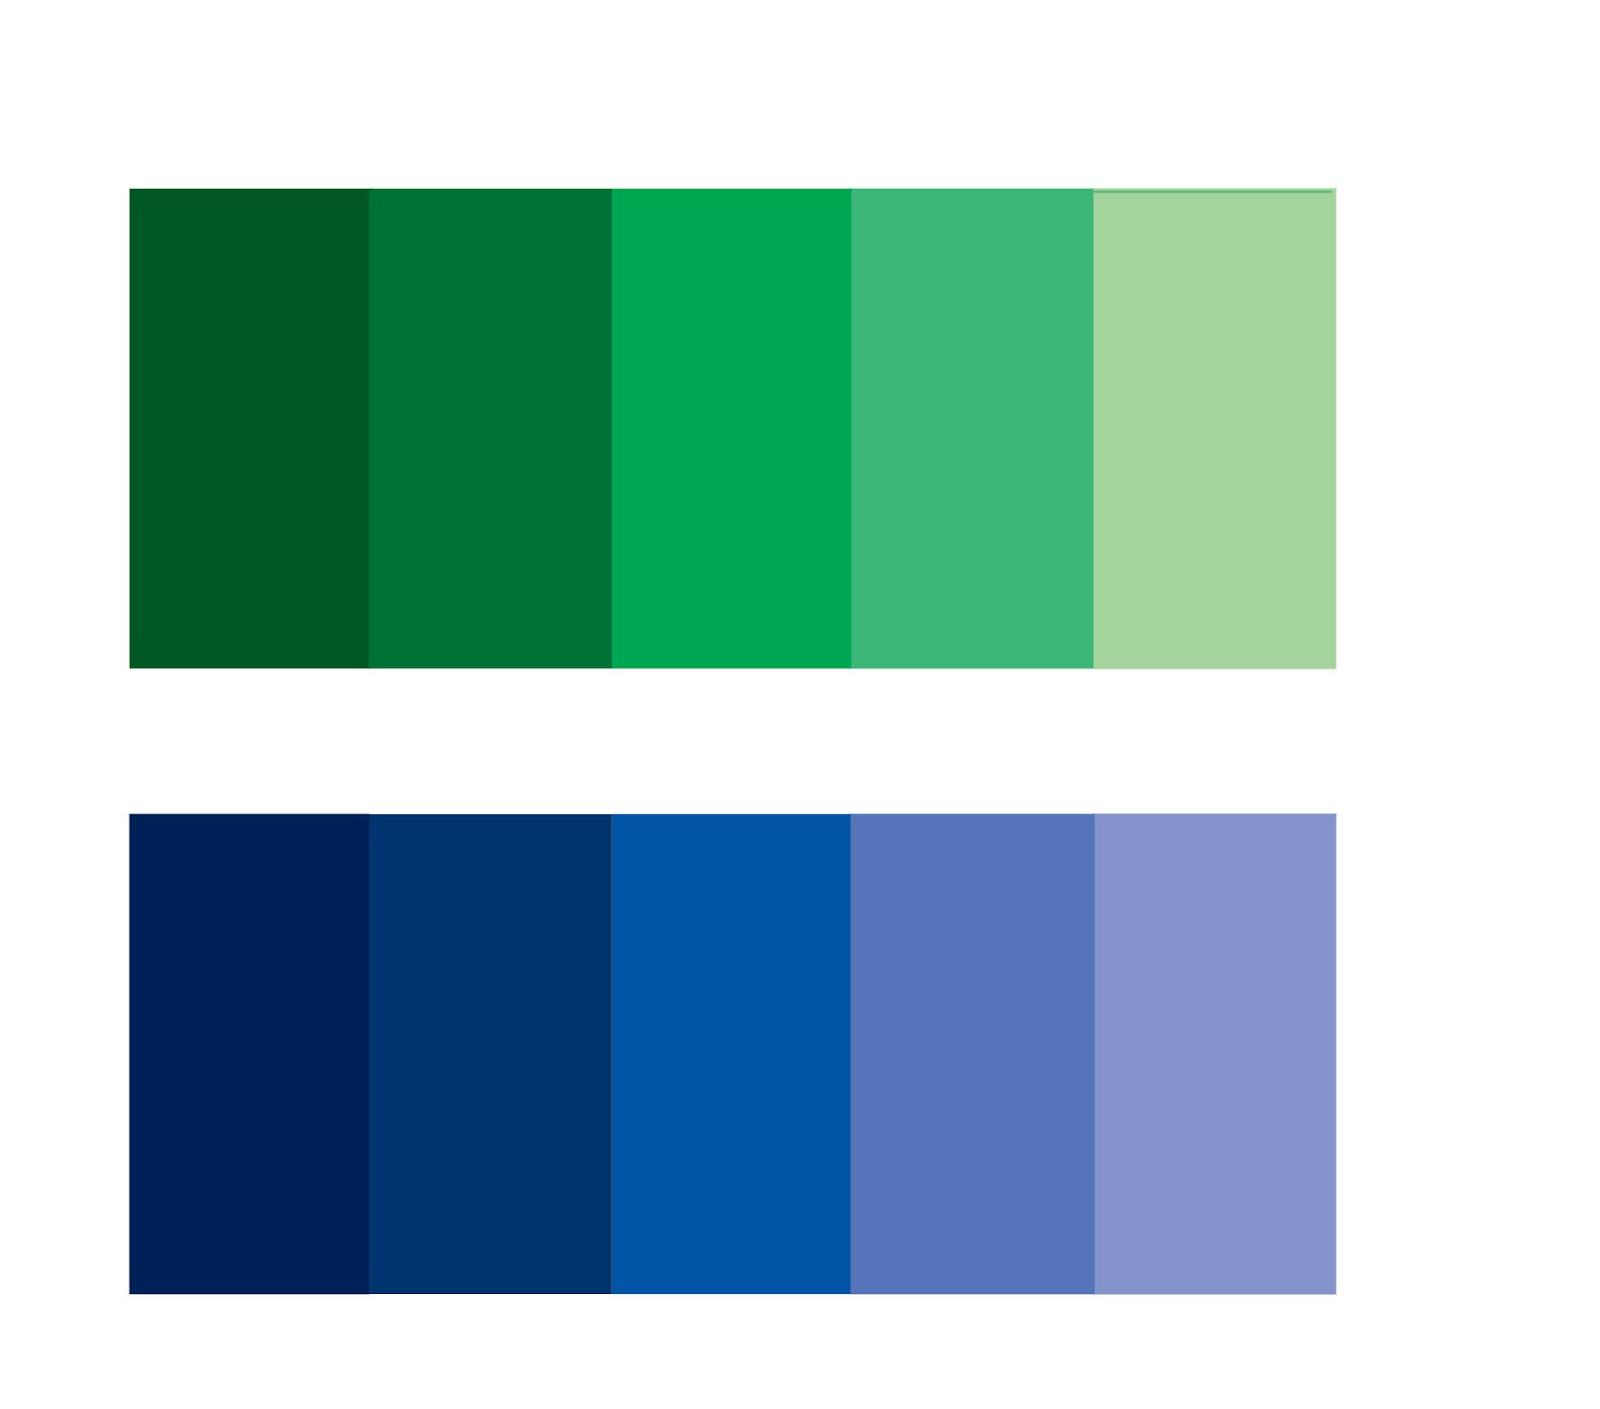 Intinya Kombinasi Warna Dengan Senada Misalnya Biru Tua Dipadukan Yang Lebih Terang